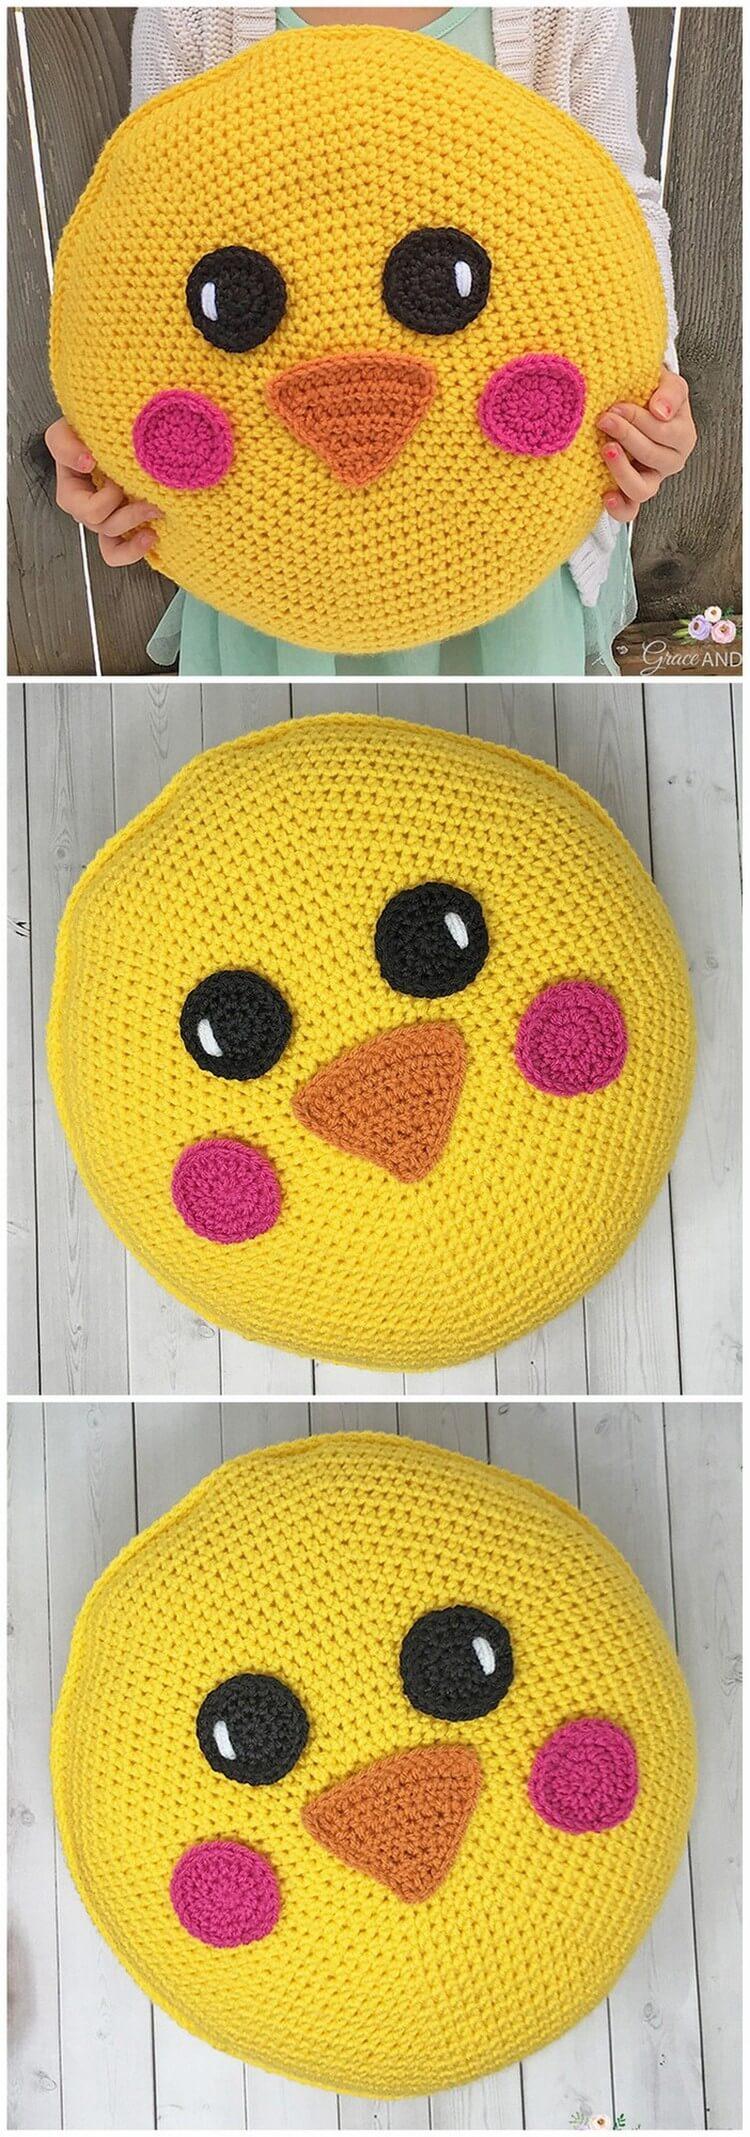 Crochet Pillow Pattern (14)